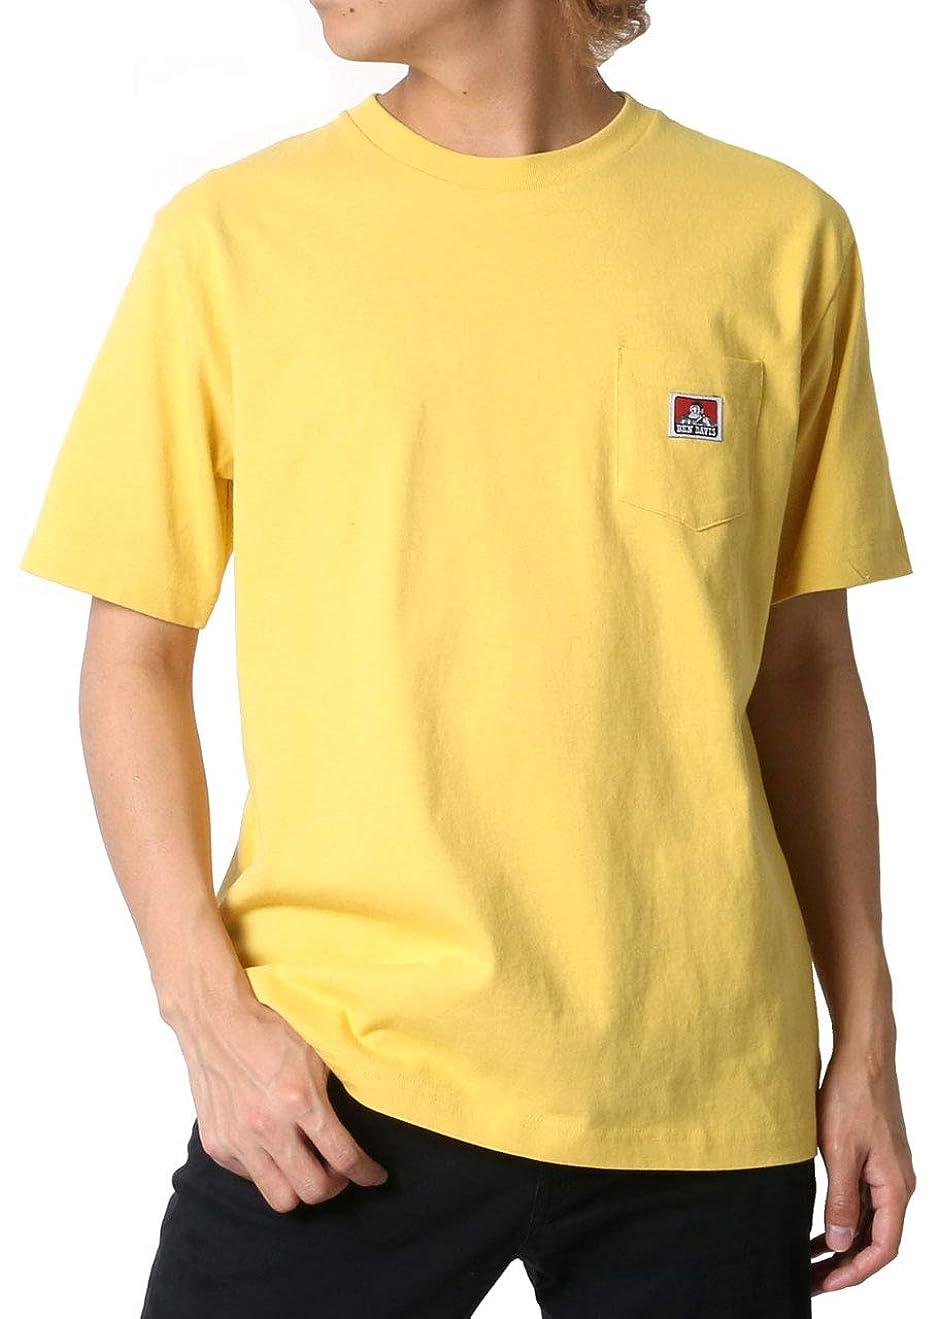 管理ノイズ導体[ベンデイビス] Tシャツ メンズ 半袖 カットソー ポケット